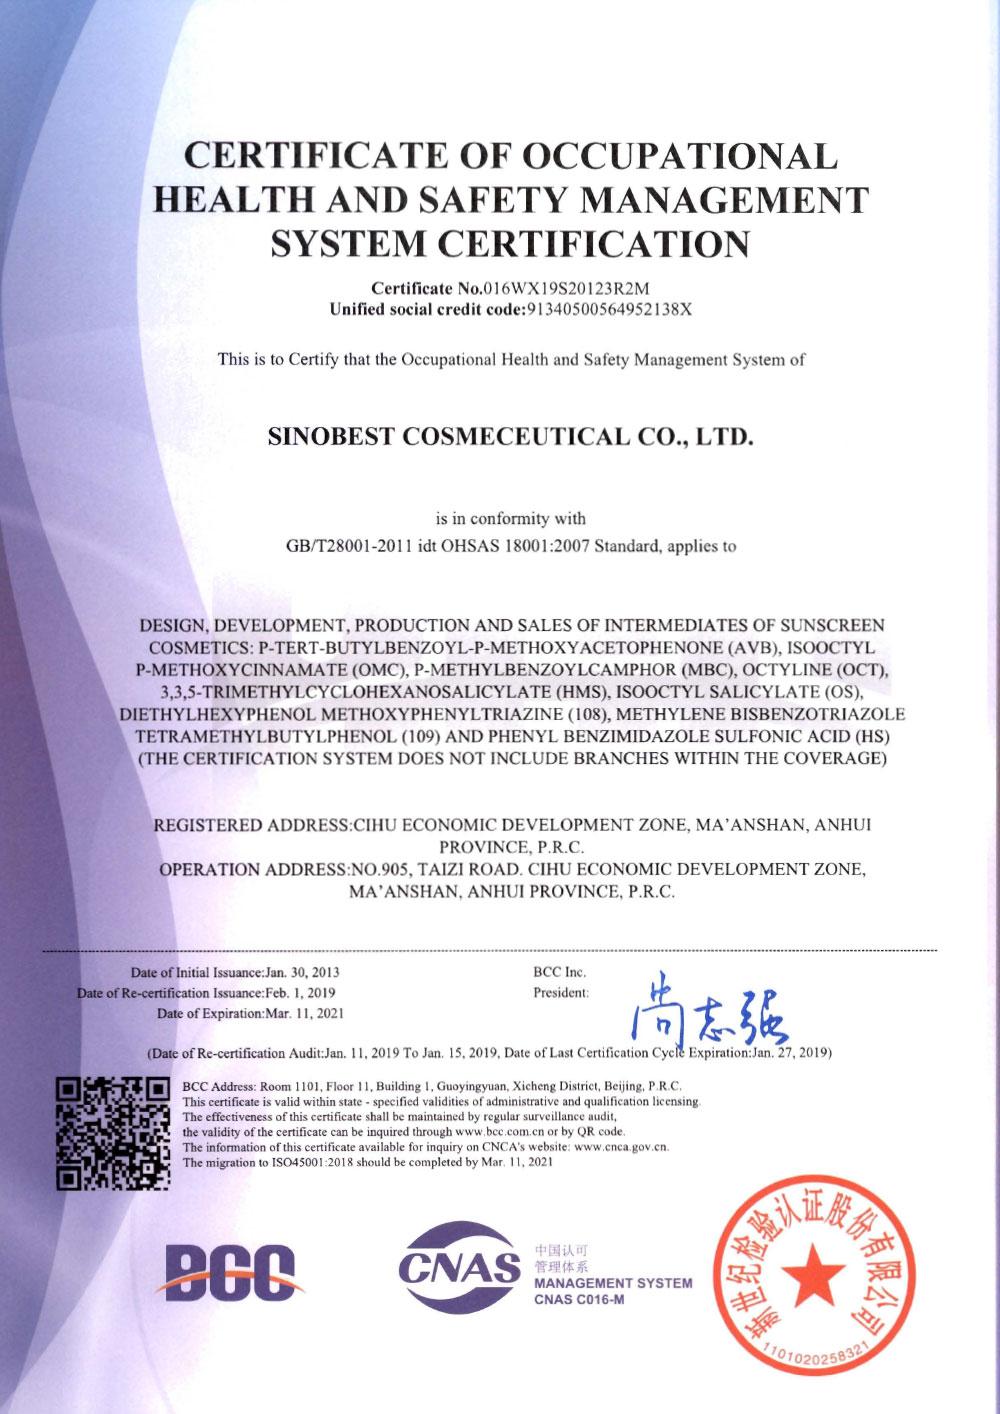 2019.2.1-2021.3.11安徽圣诺贝三体系认证证书